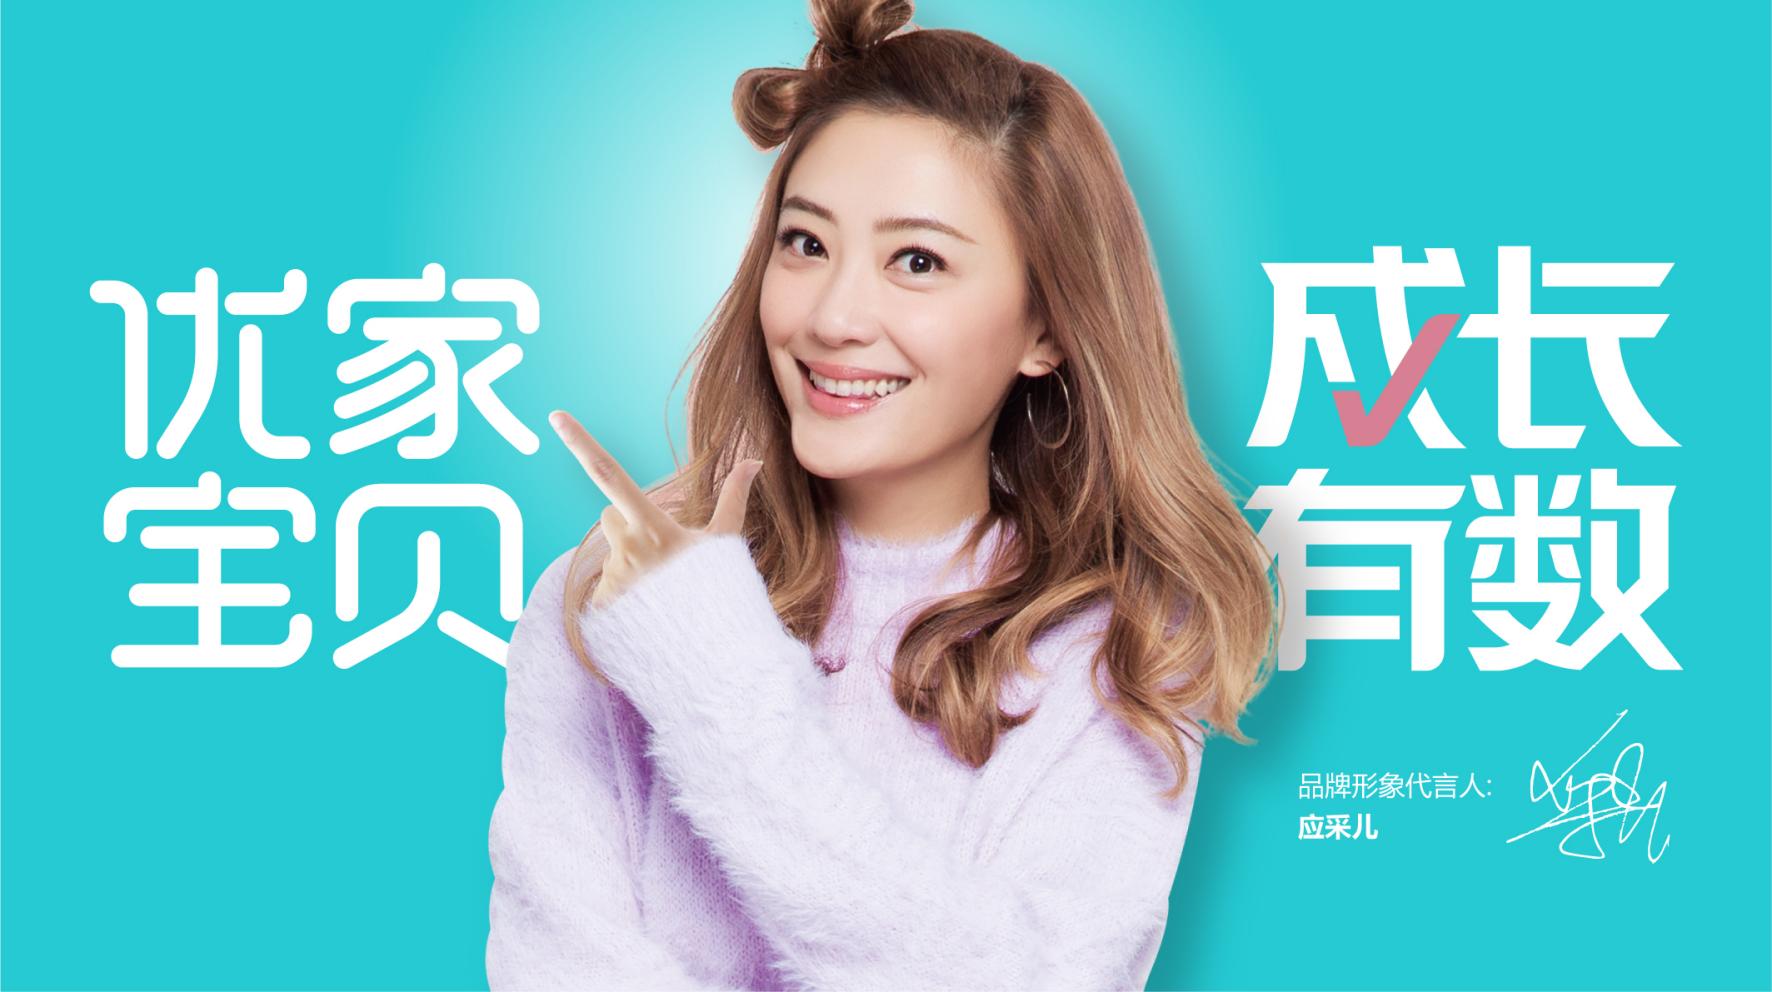 新手如何开母婴店?上海优家宝贝母婴怎么样?